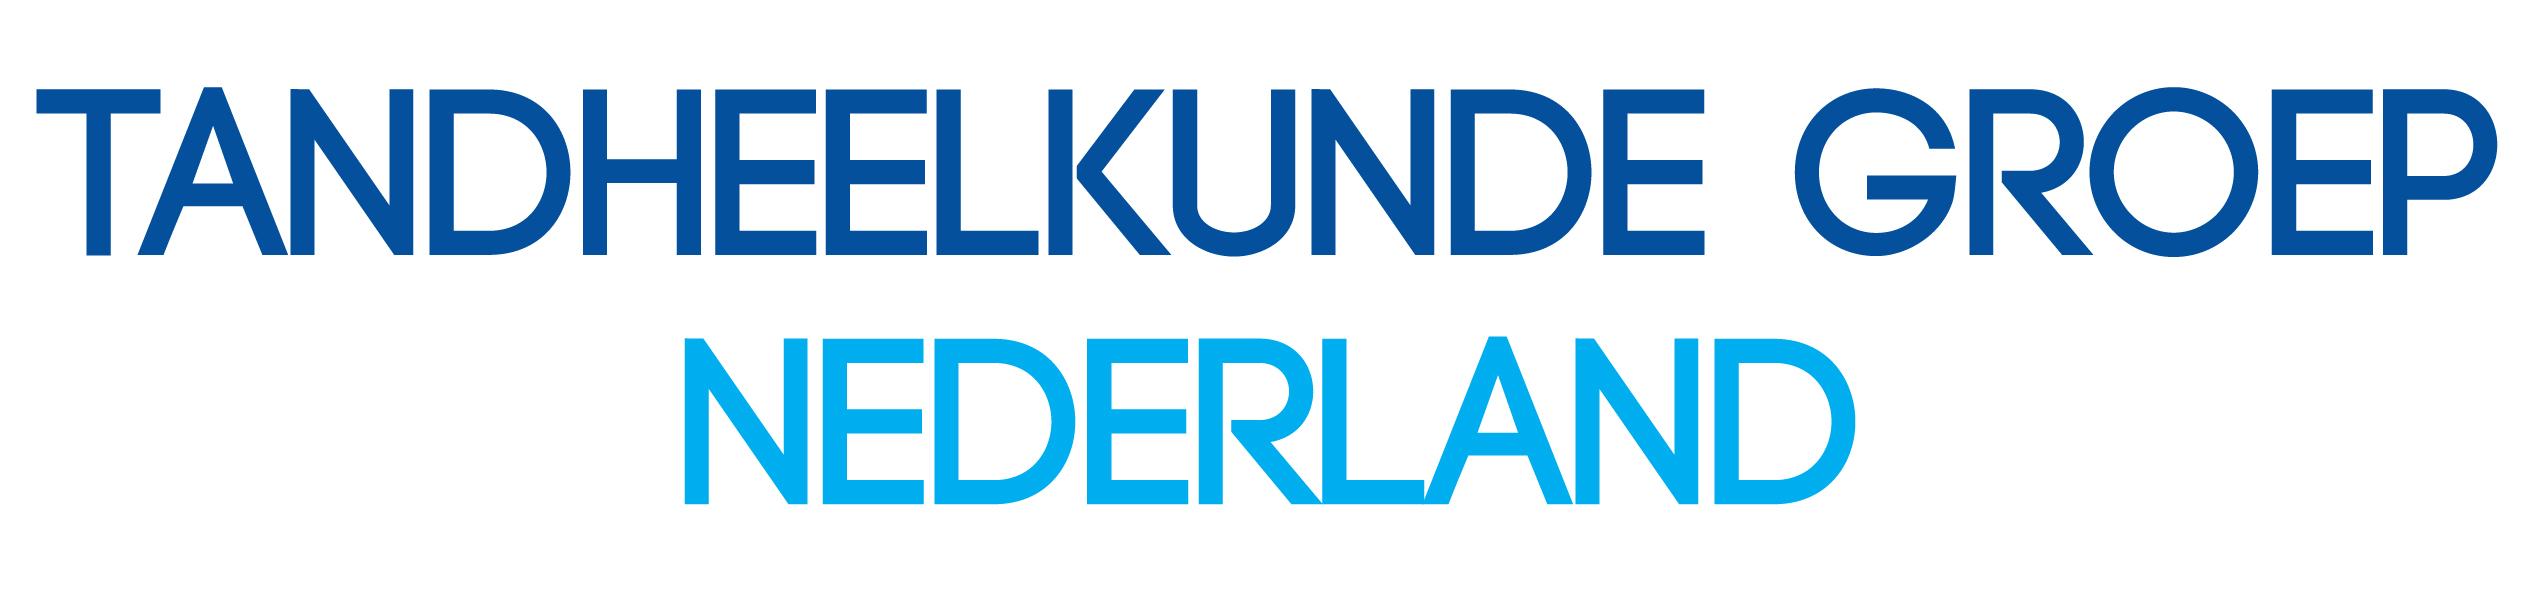 Logo Tandheelkunde Groep Nederland DEF Text Only3